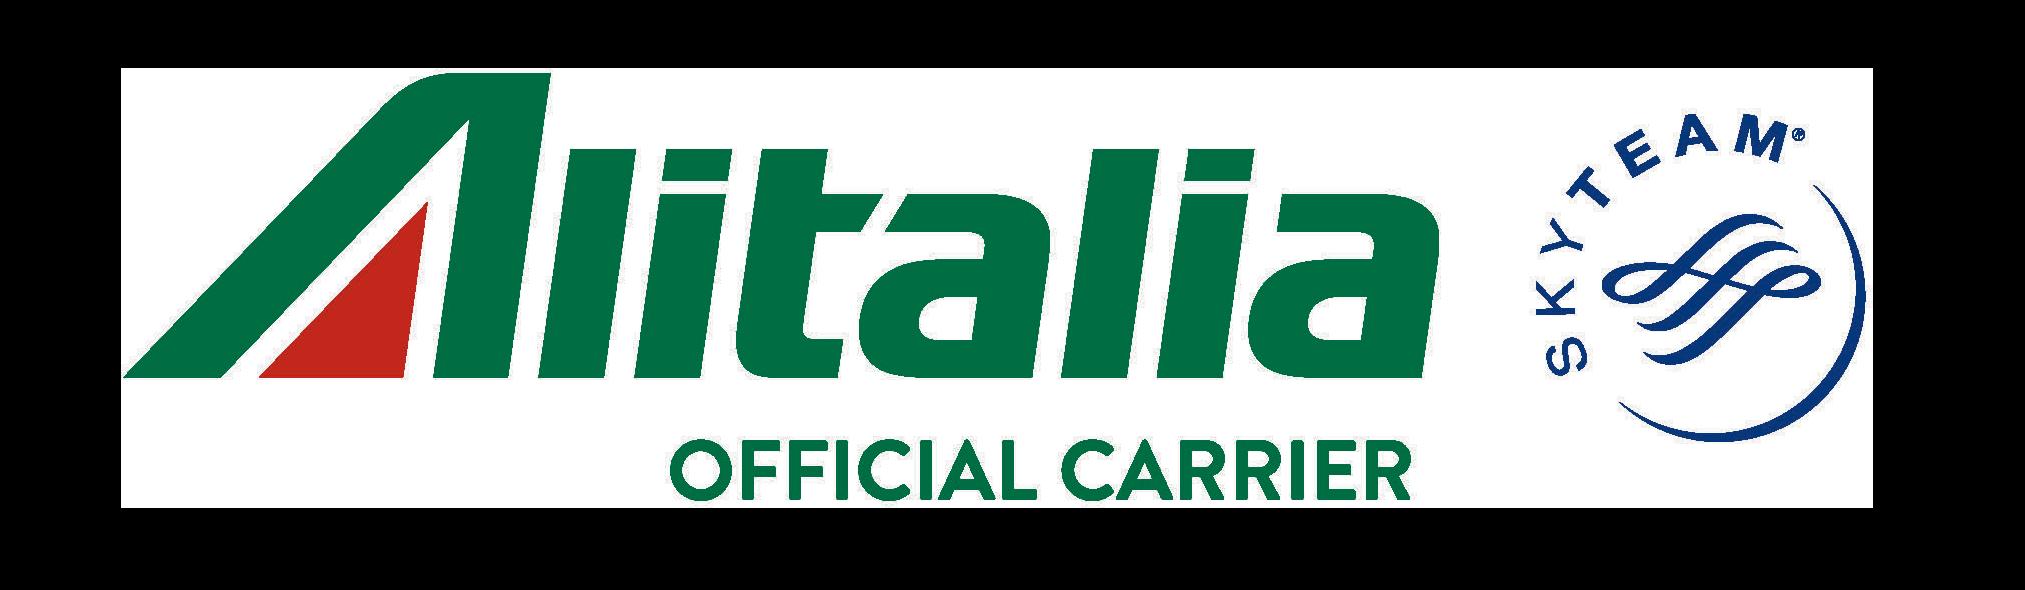 Alitalia Official Carrier